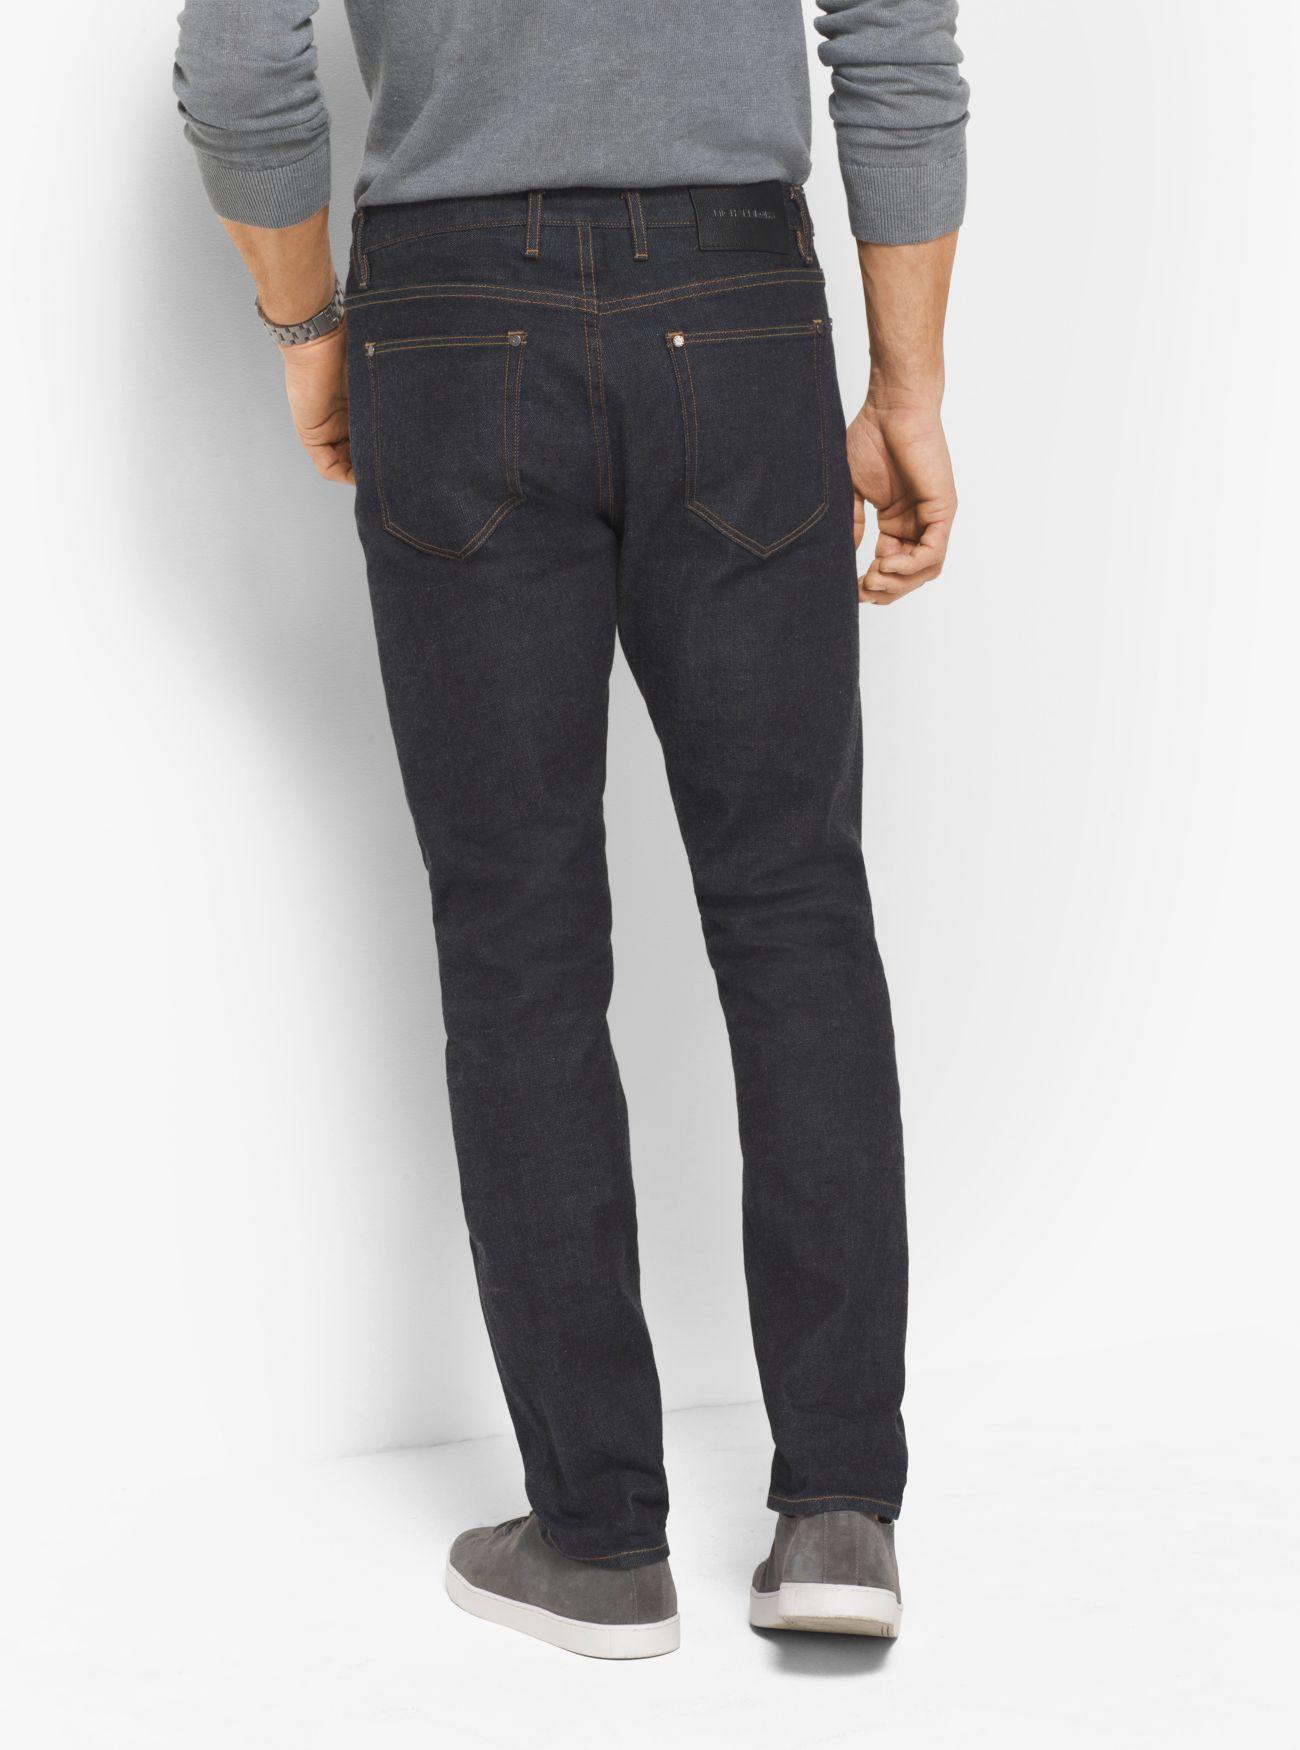 Michael Kors Denim Slim-fit Selvedge Jeans in Blue for Men